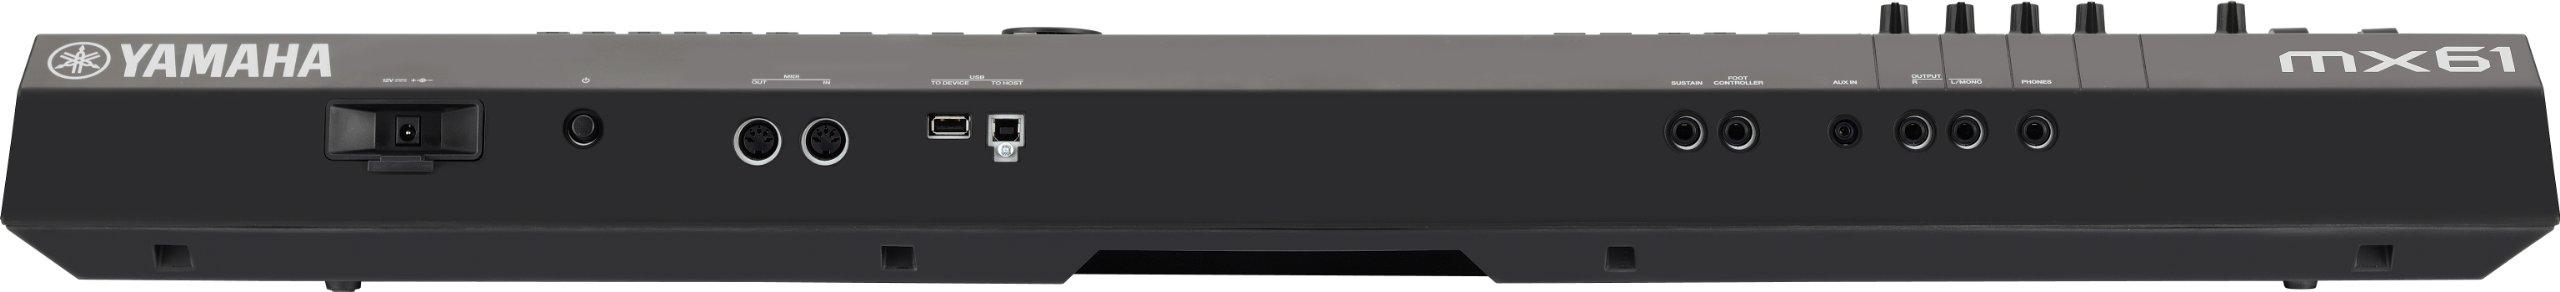 Yamaha MX61 Connectivity